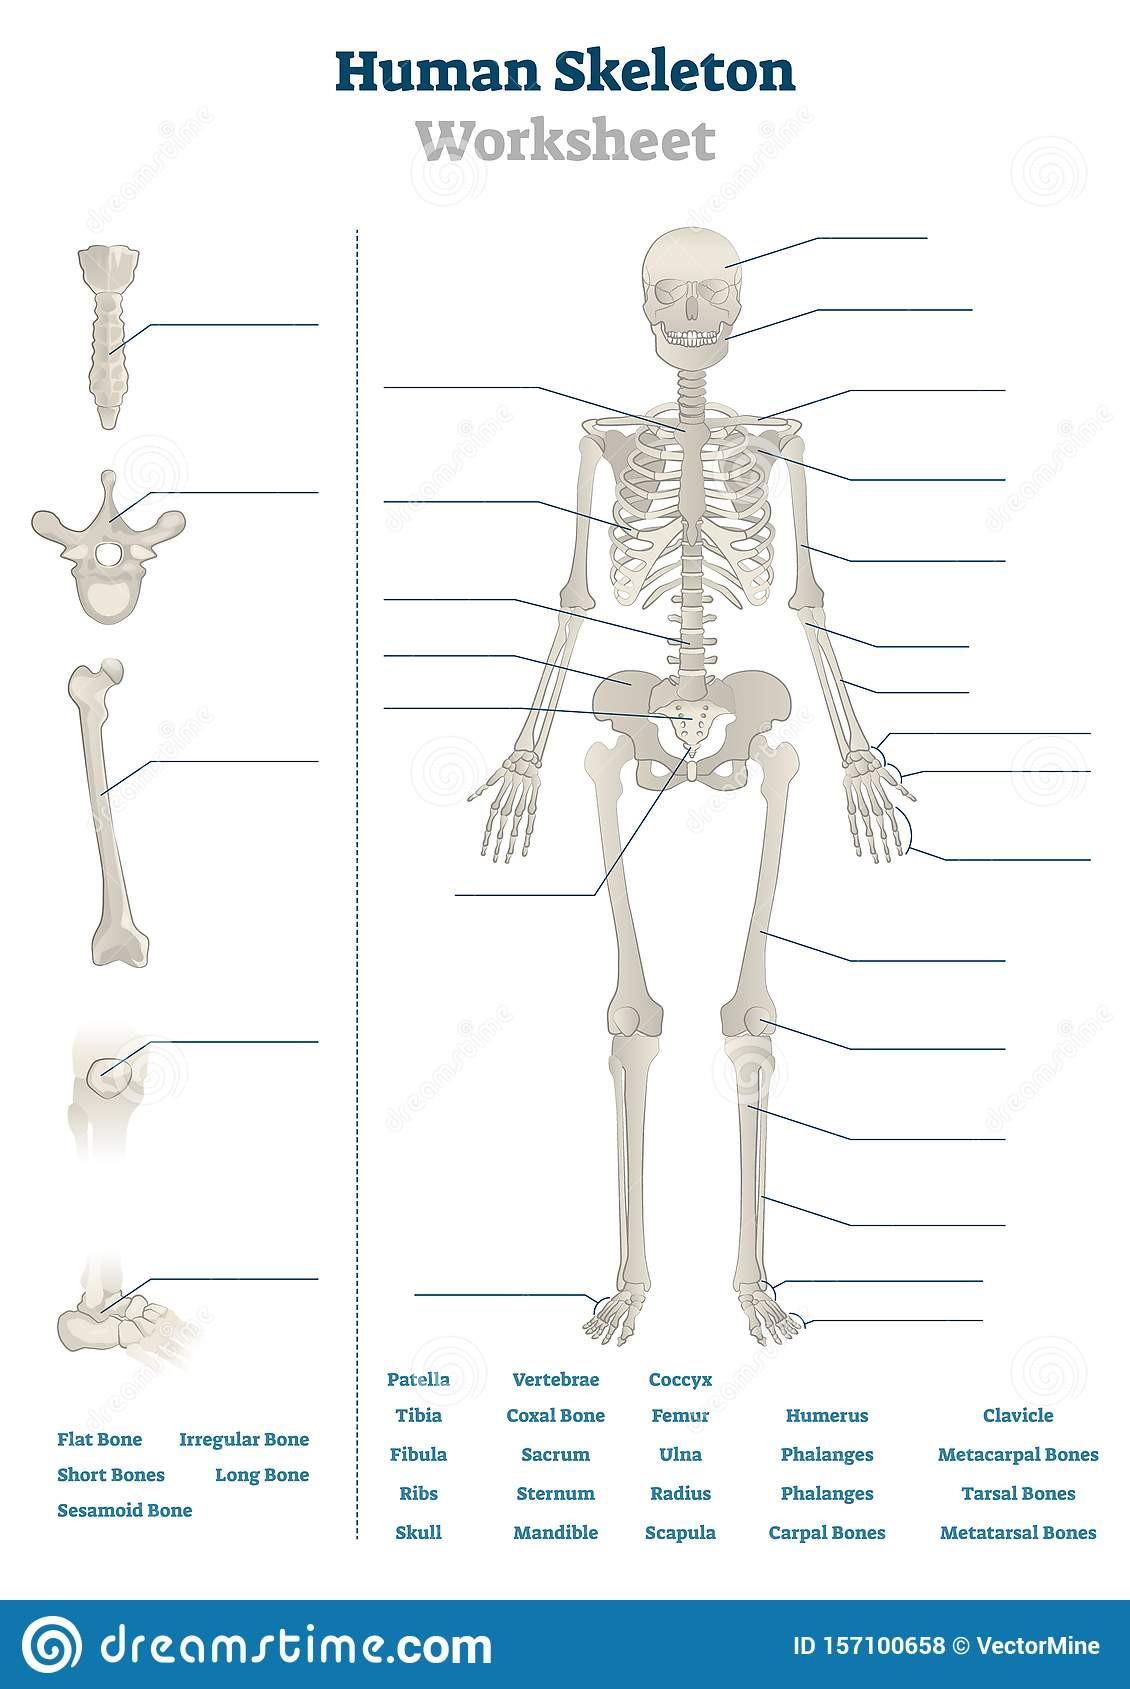 The Skeletal System Worksheet Human Skeleton Worksheet Vector Illustration Blank